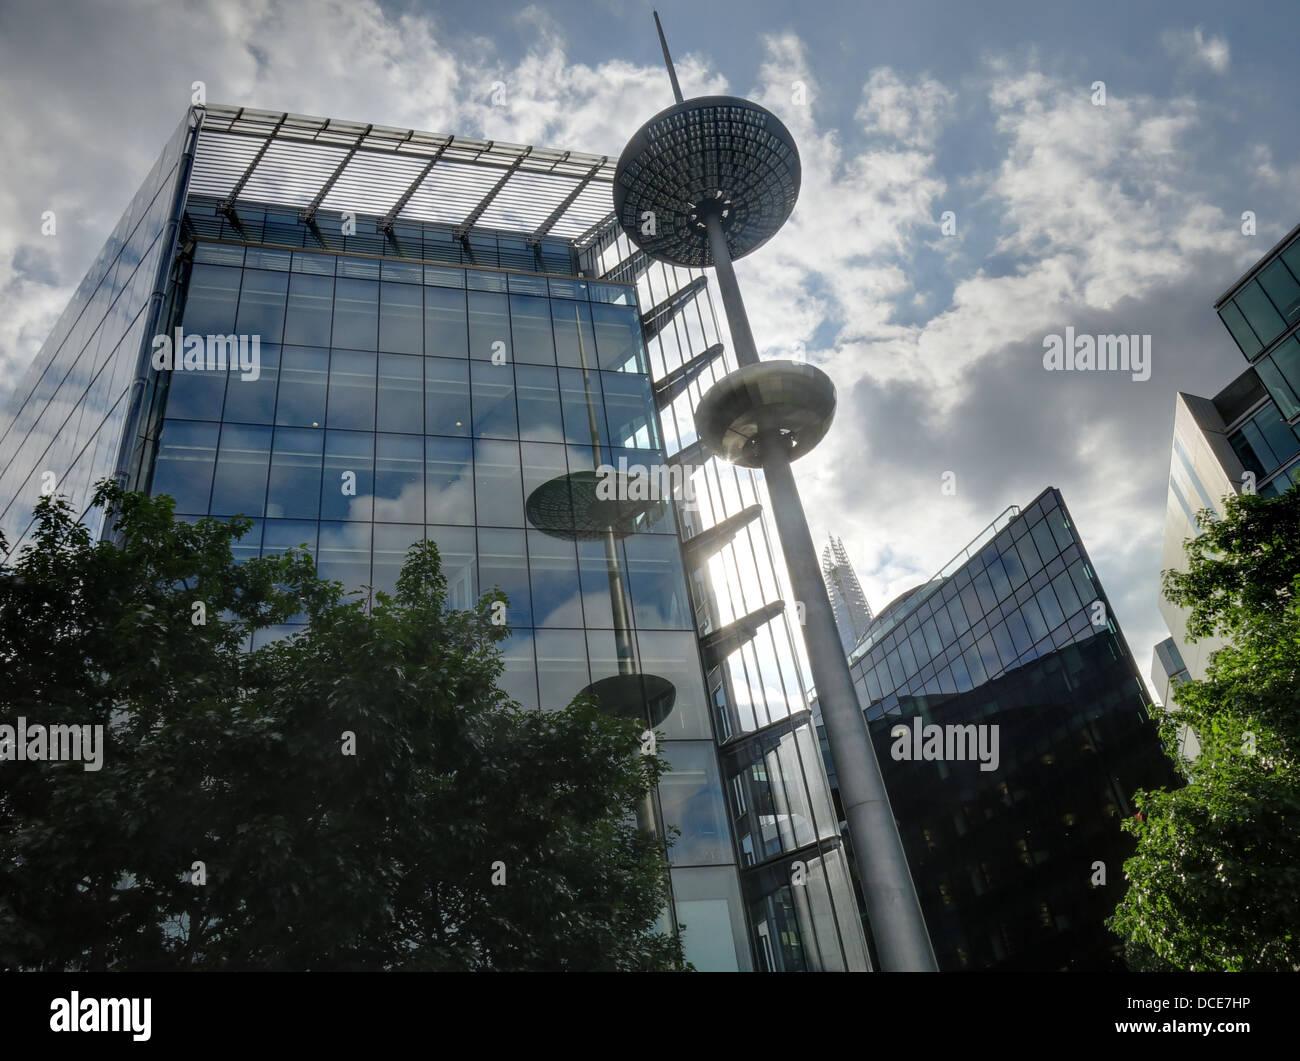 Laden Sie dieses Alamy Stockfoto Ich, mehr zu London Ort in der Nähe von Rathaus, Southwark, London England, UK SE1 2AF - DCE7HP